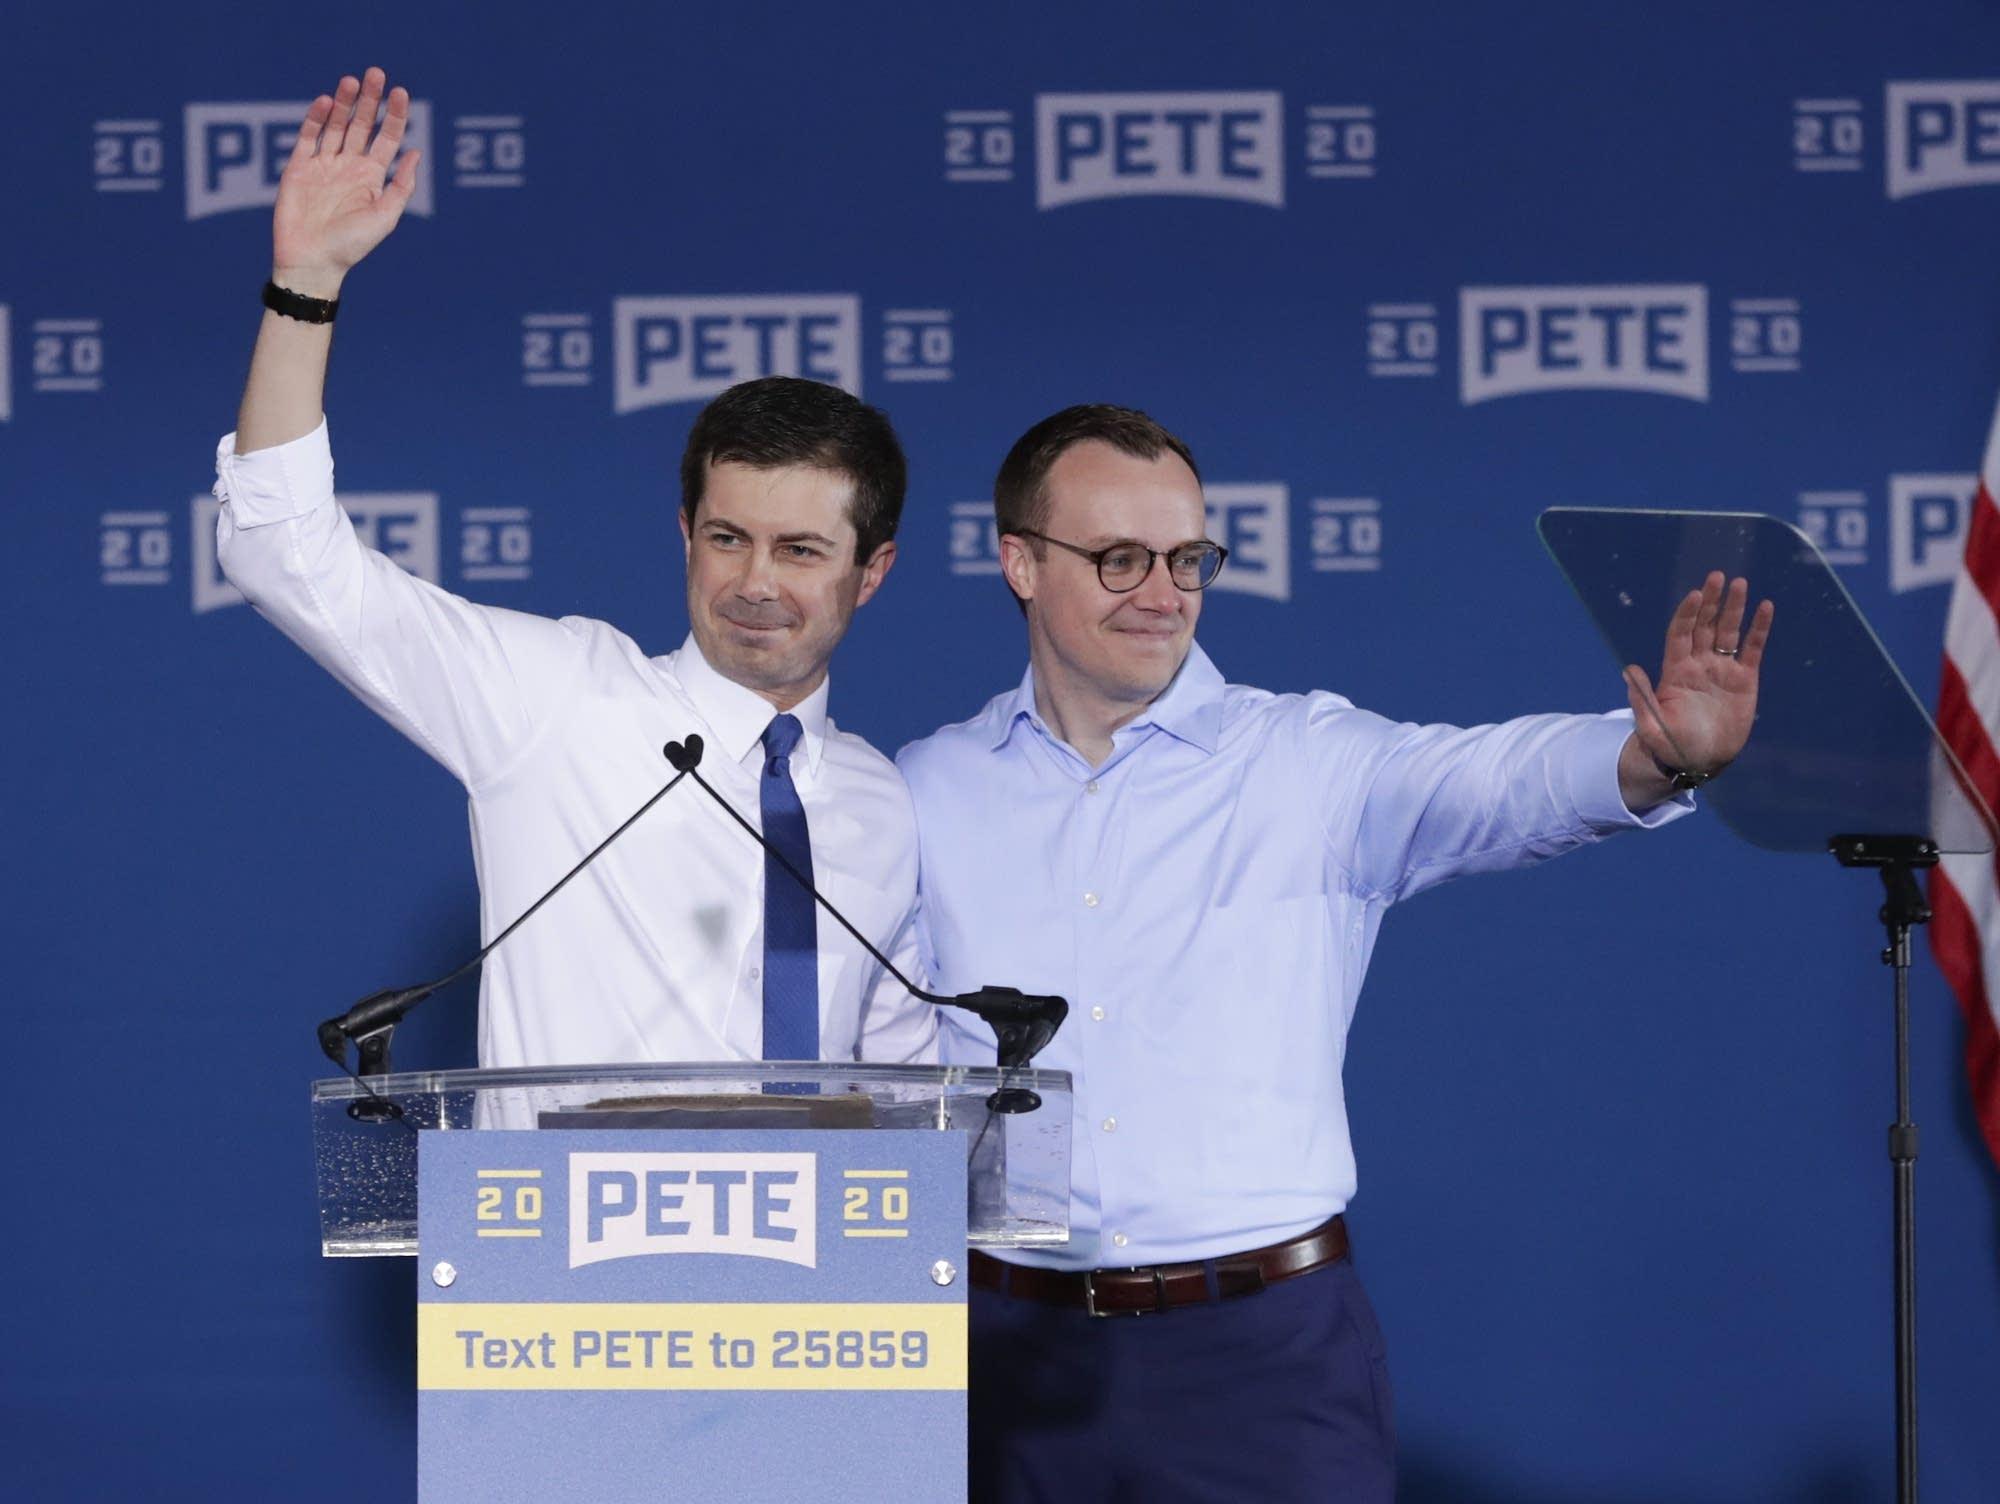 Pete Buttigieg is joined by his husband Chasten Buttigieg